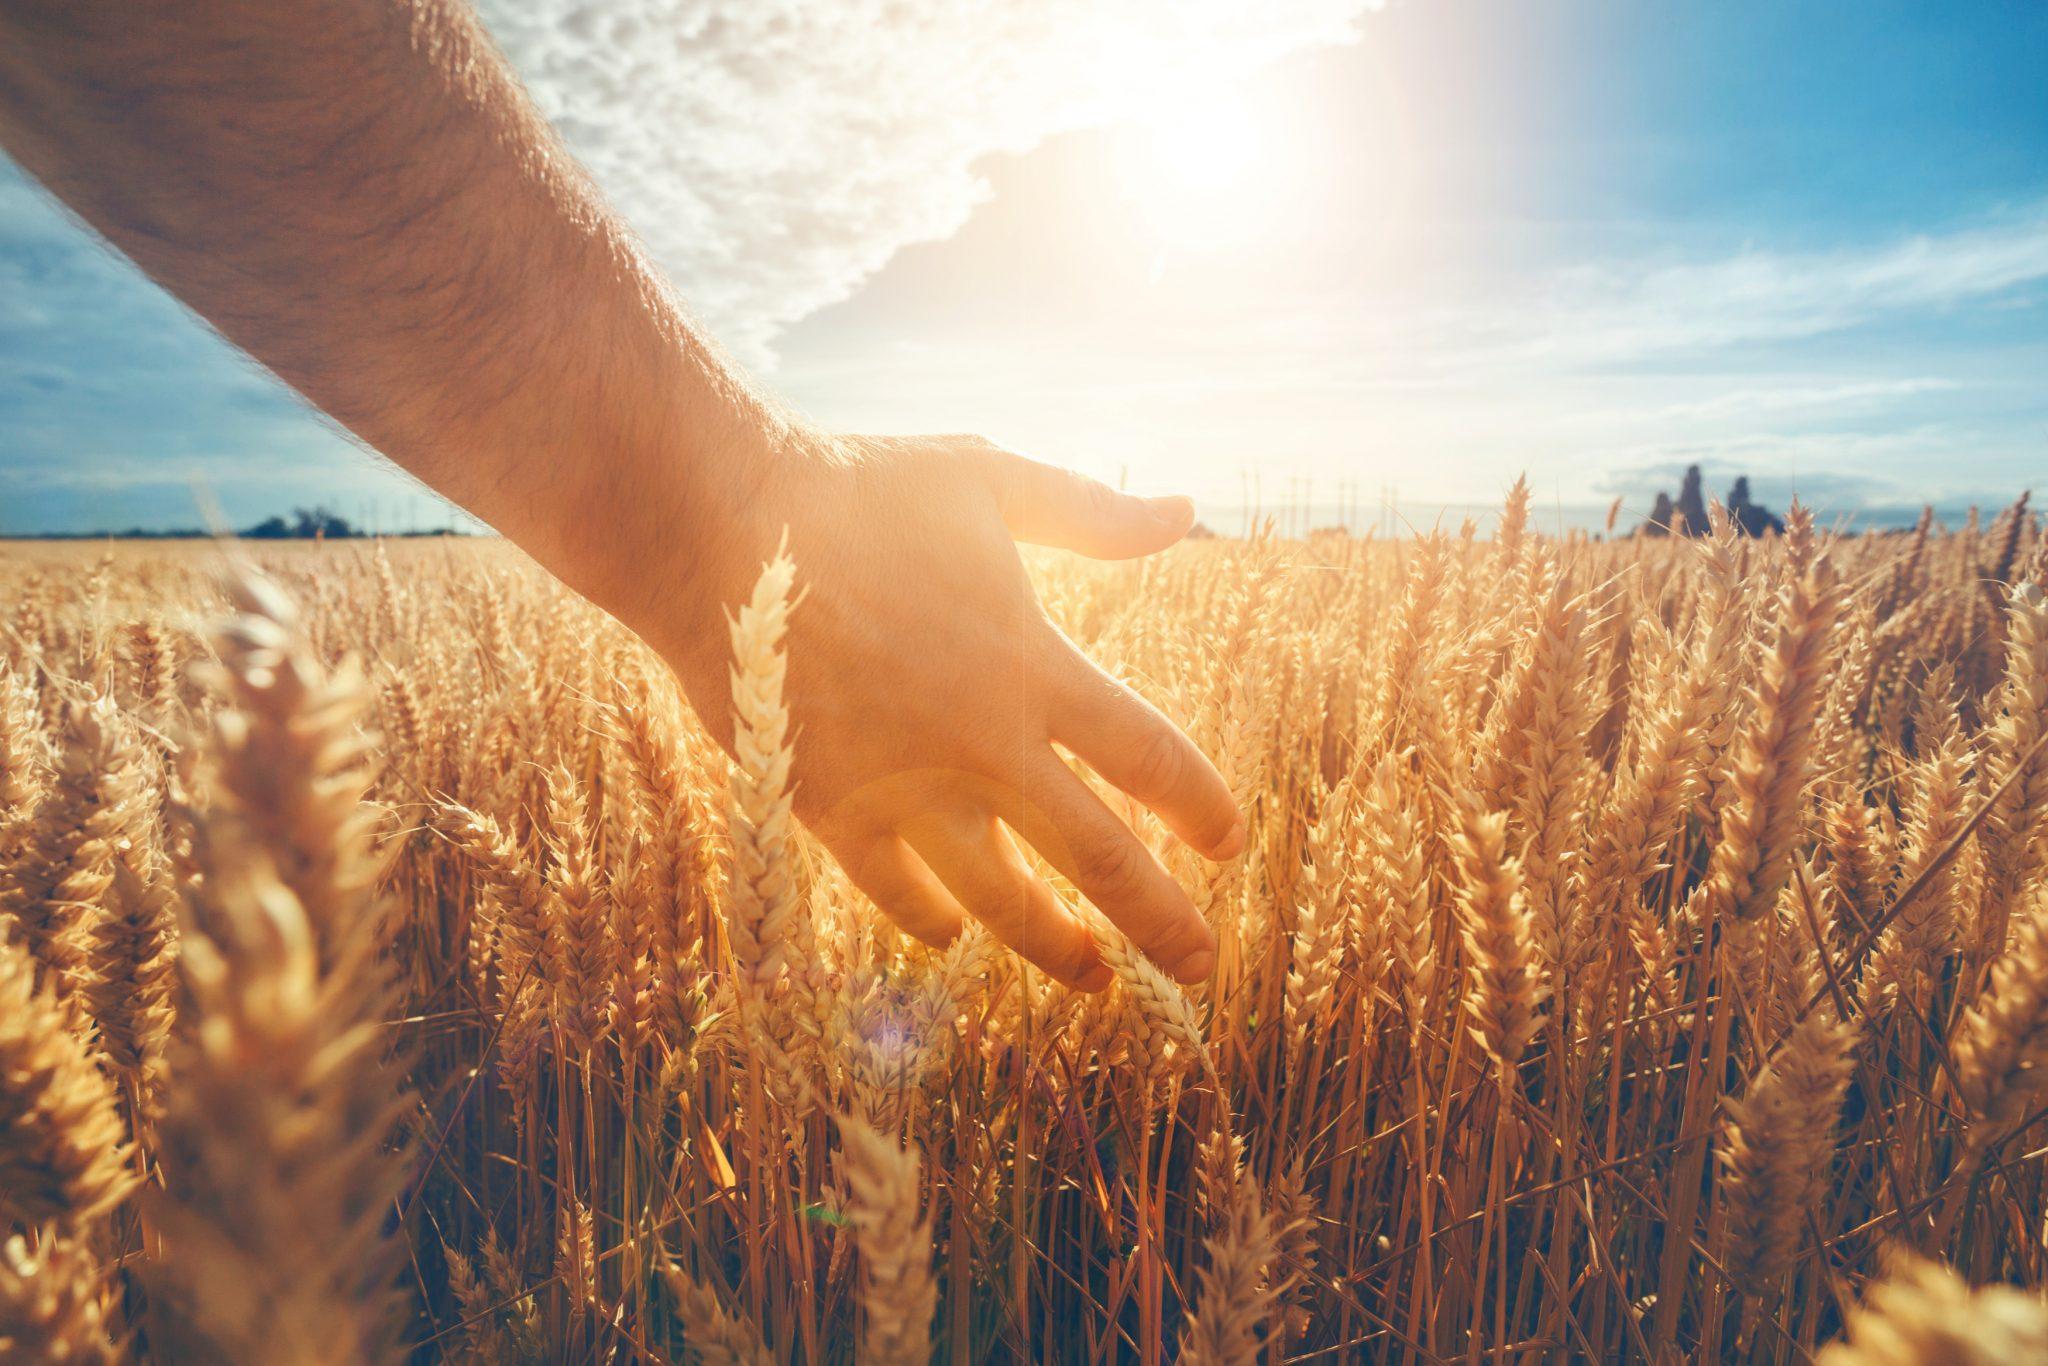 広大な小麦畑にいる男性